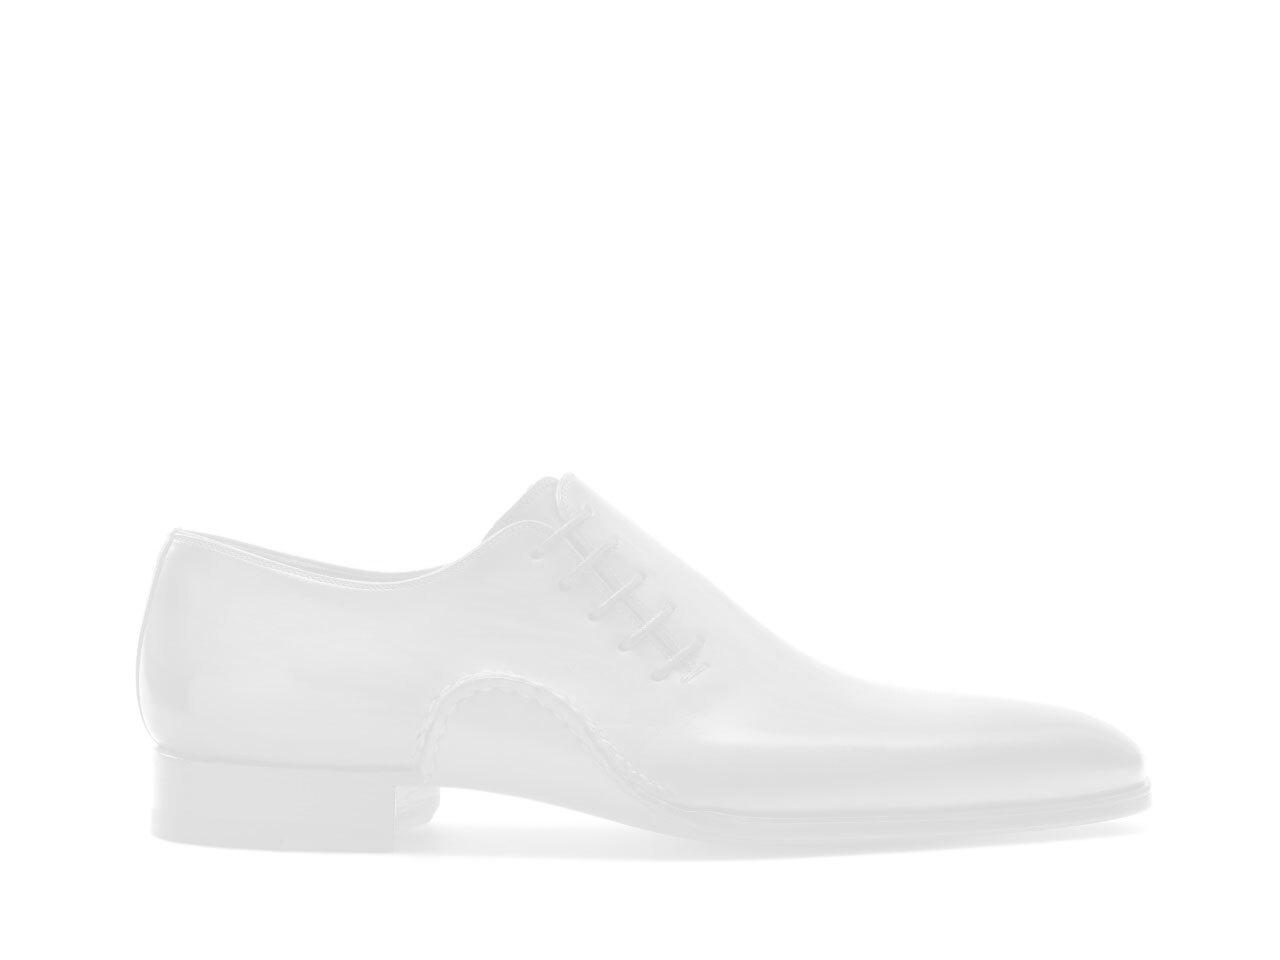 Cognac brown suede derby shoes for men - Magnanni